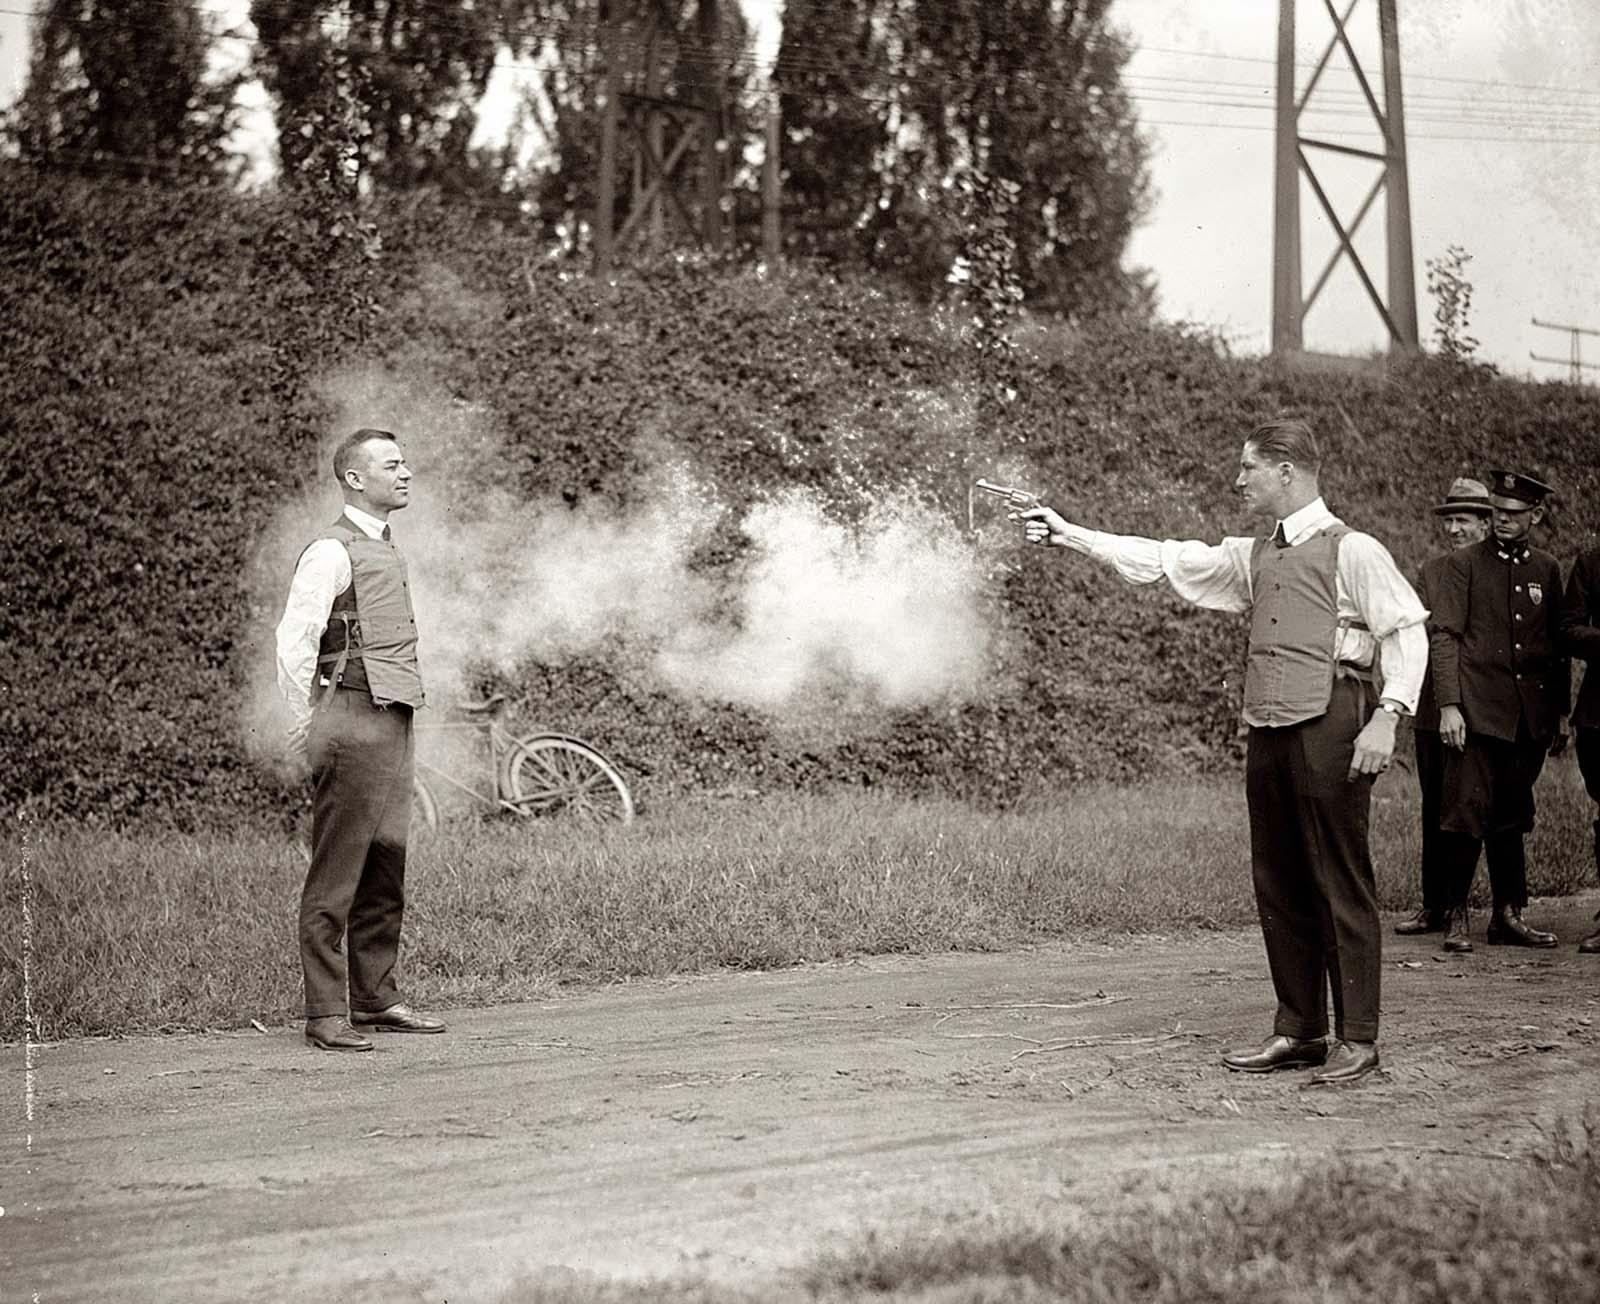 Testing%2Ba%2Bbulletproof%2Bvest%252C%2B1923%2B%25281%2529 - Como era testado um colete à prova de balas no começo do século XX